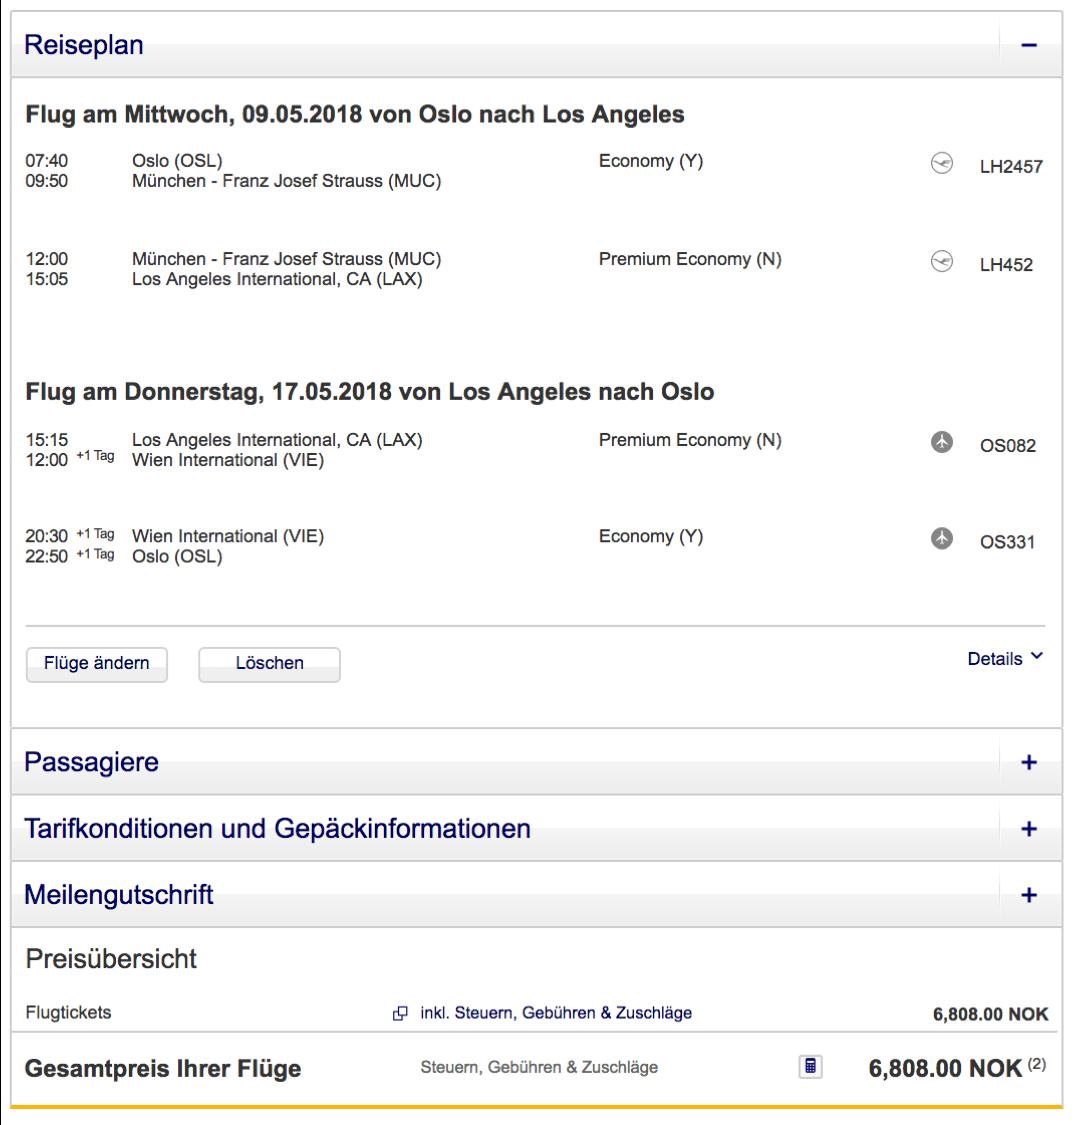 Günstig Premium Economy Class nach Los Angeles fliegen